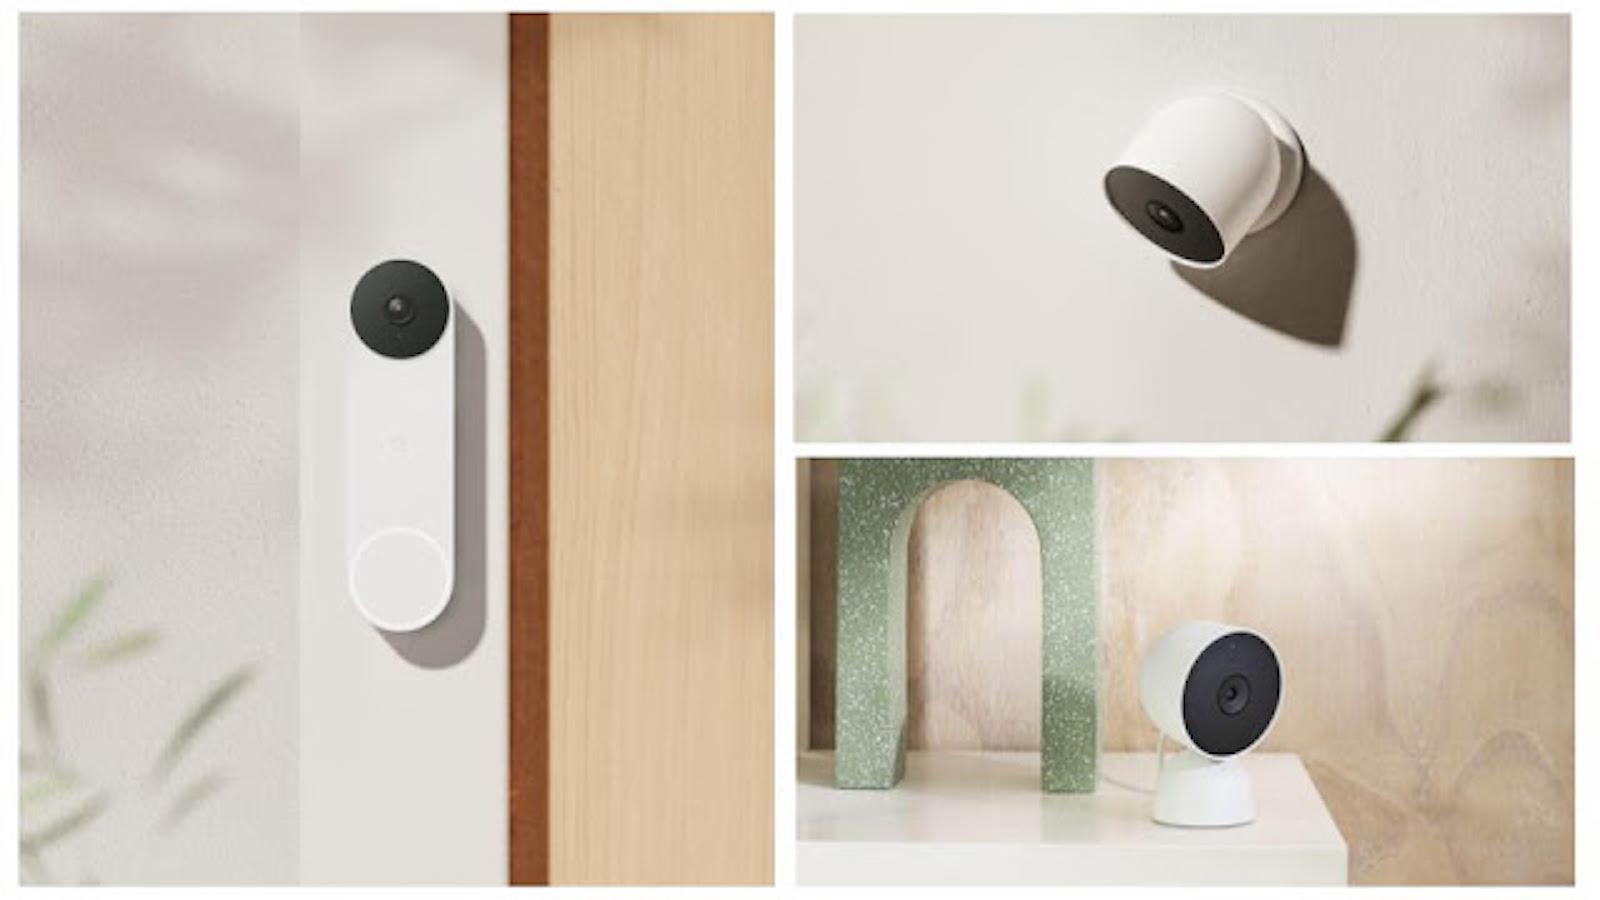 Google Nest Cam and Doorbell